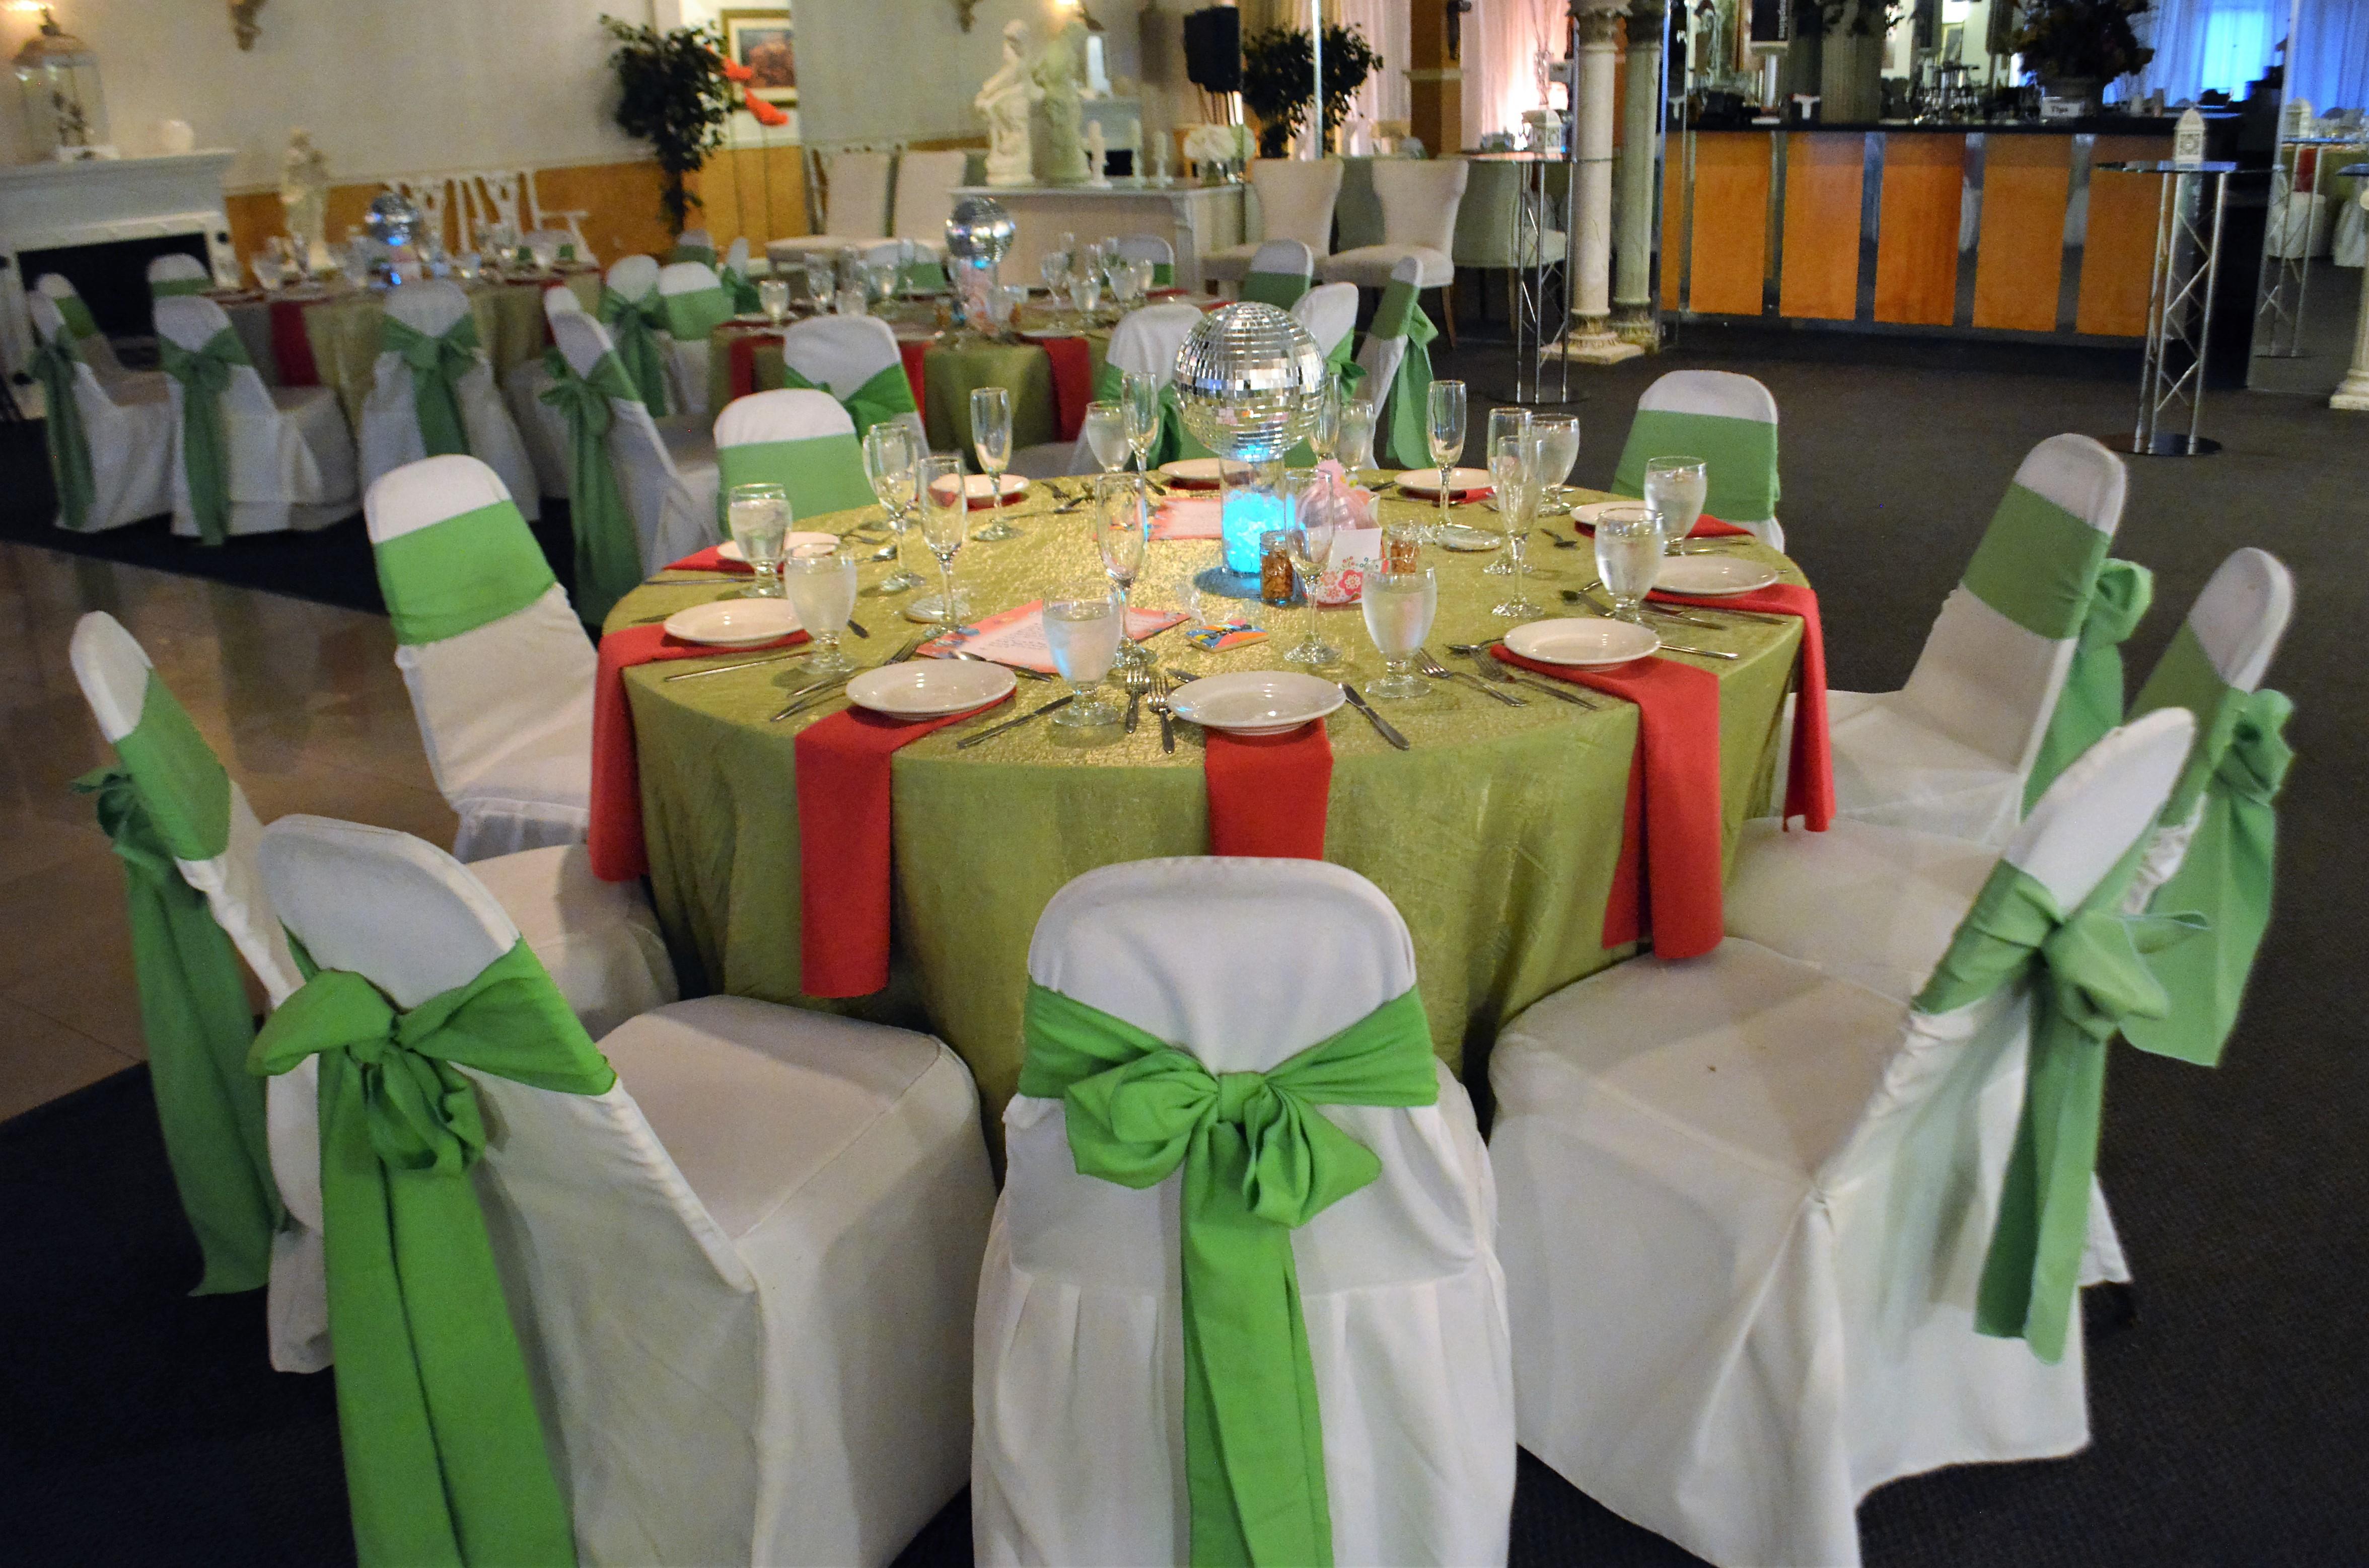 synai garden banquet hall 8356 bird rd miami fl 33155